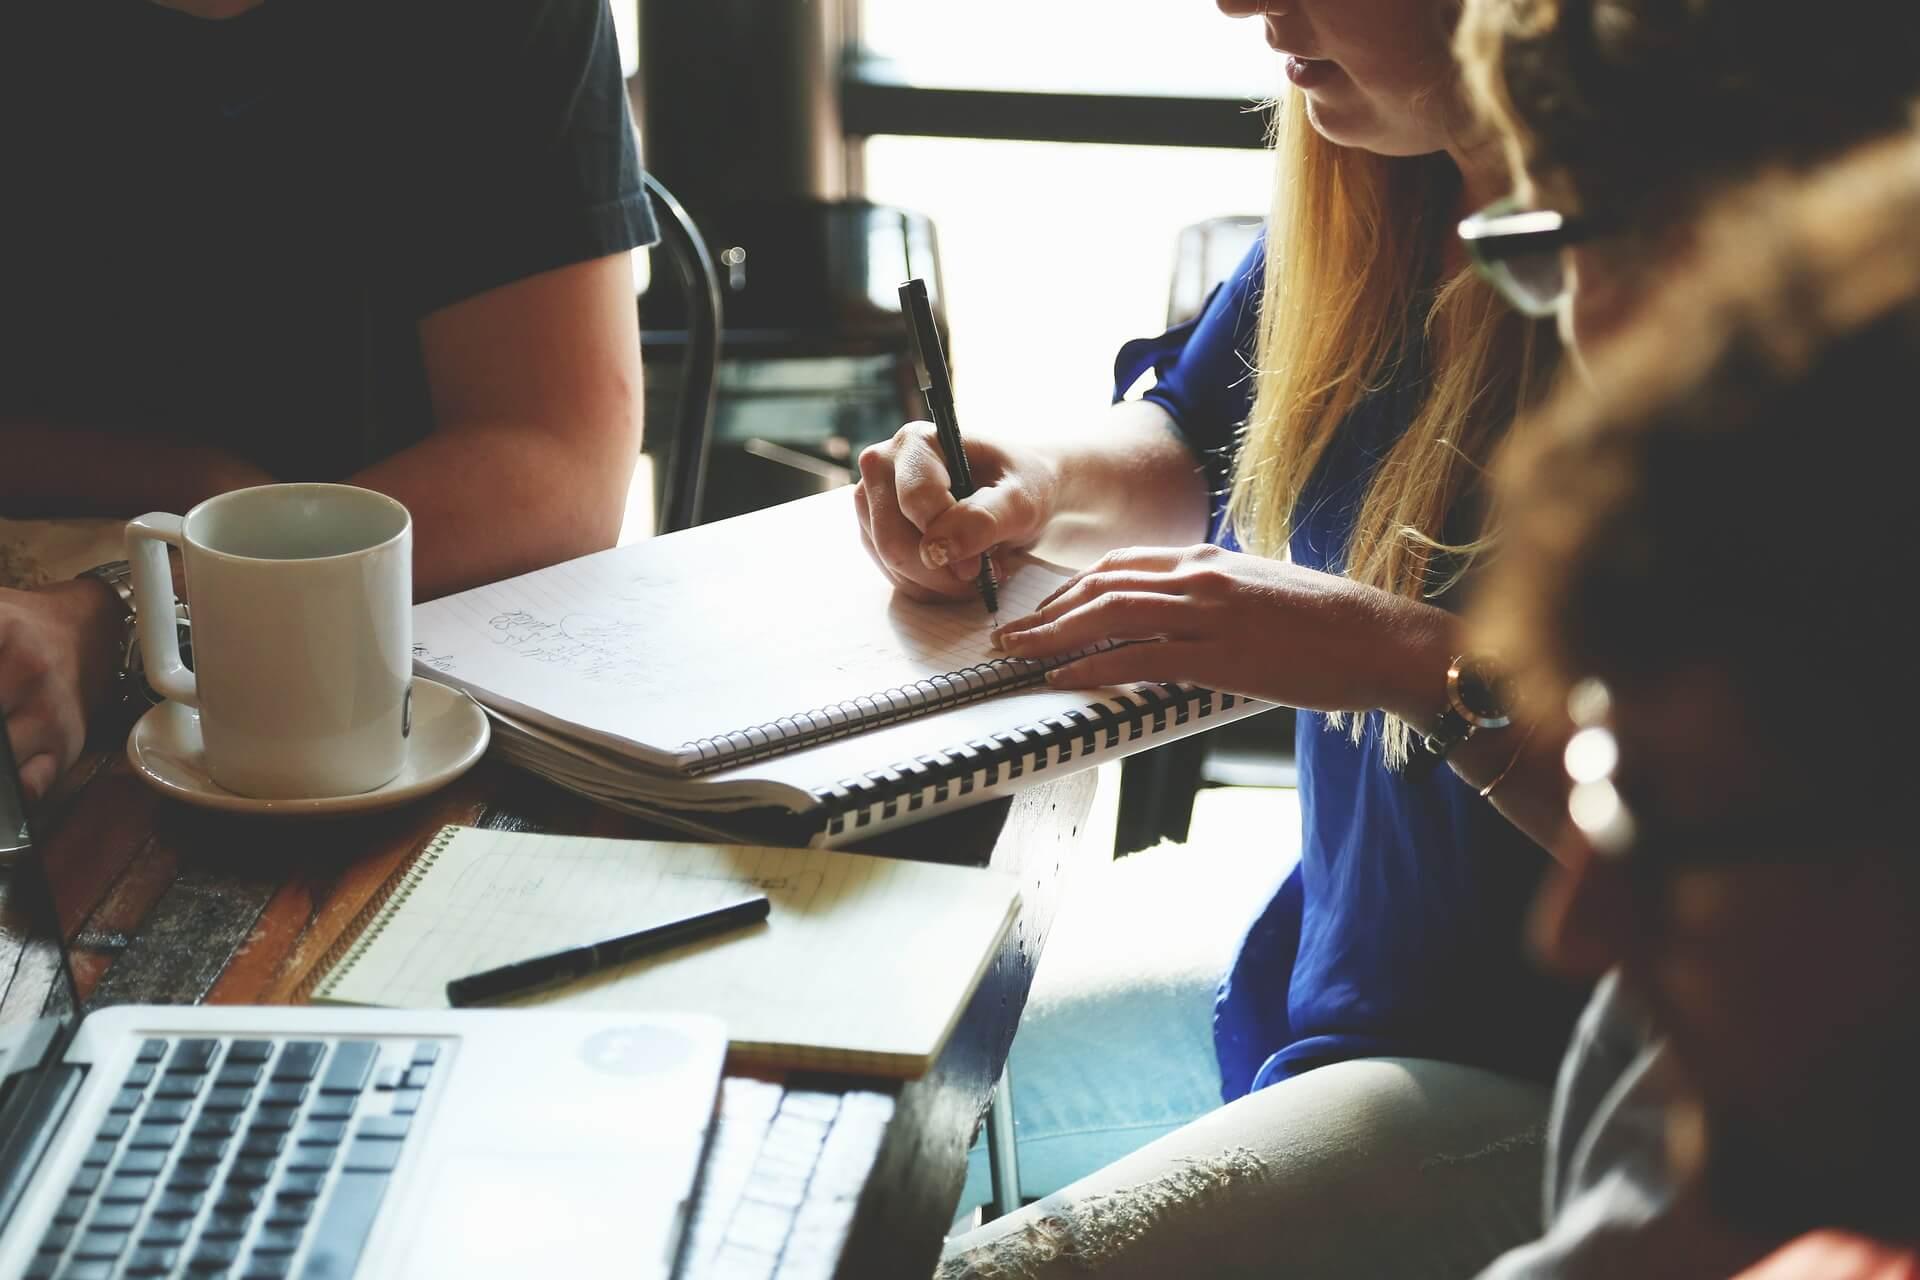 Softwareentwicklung - Brainstorming